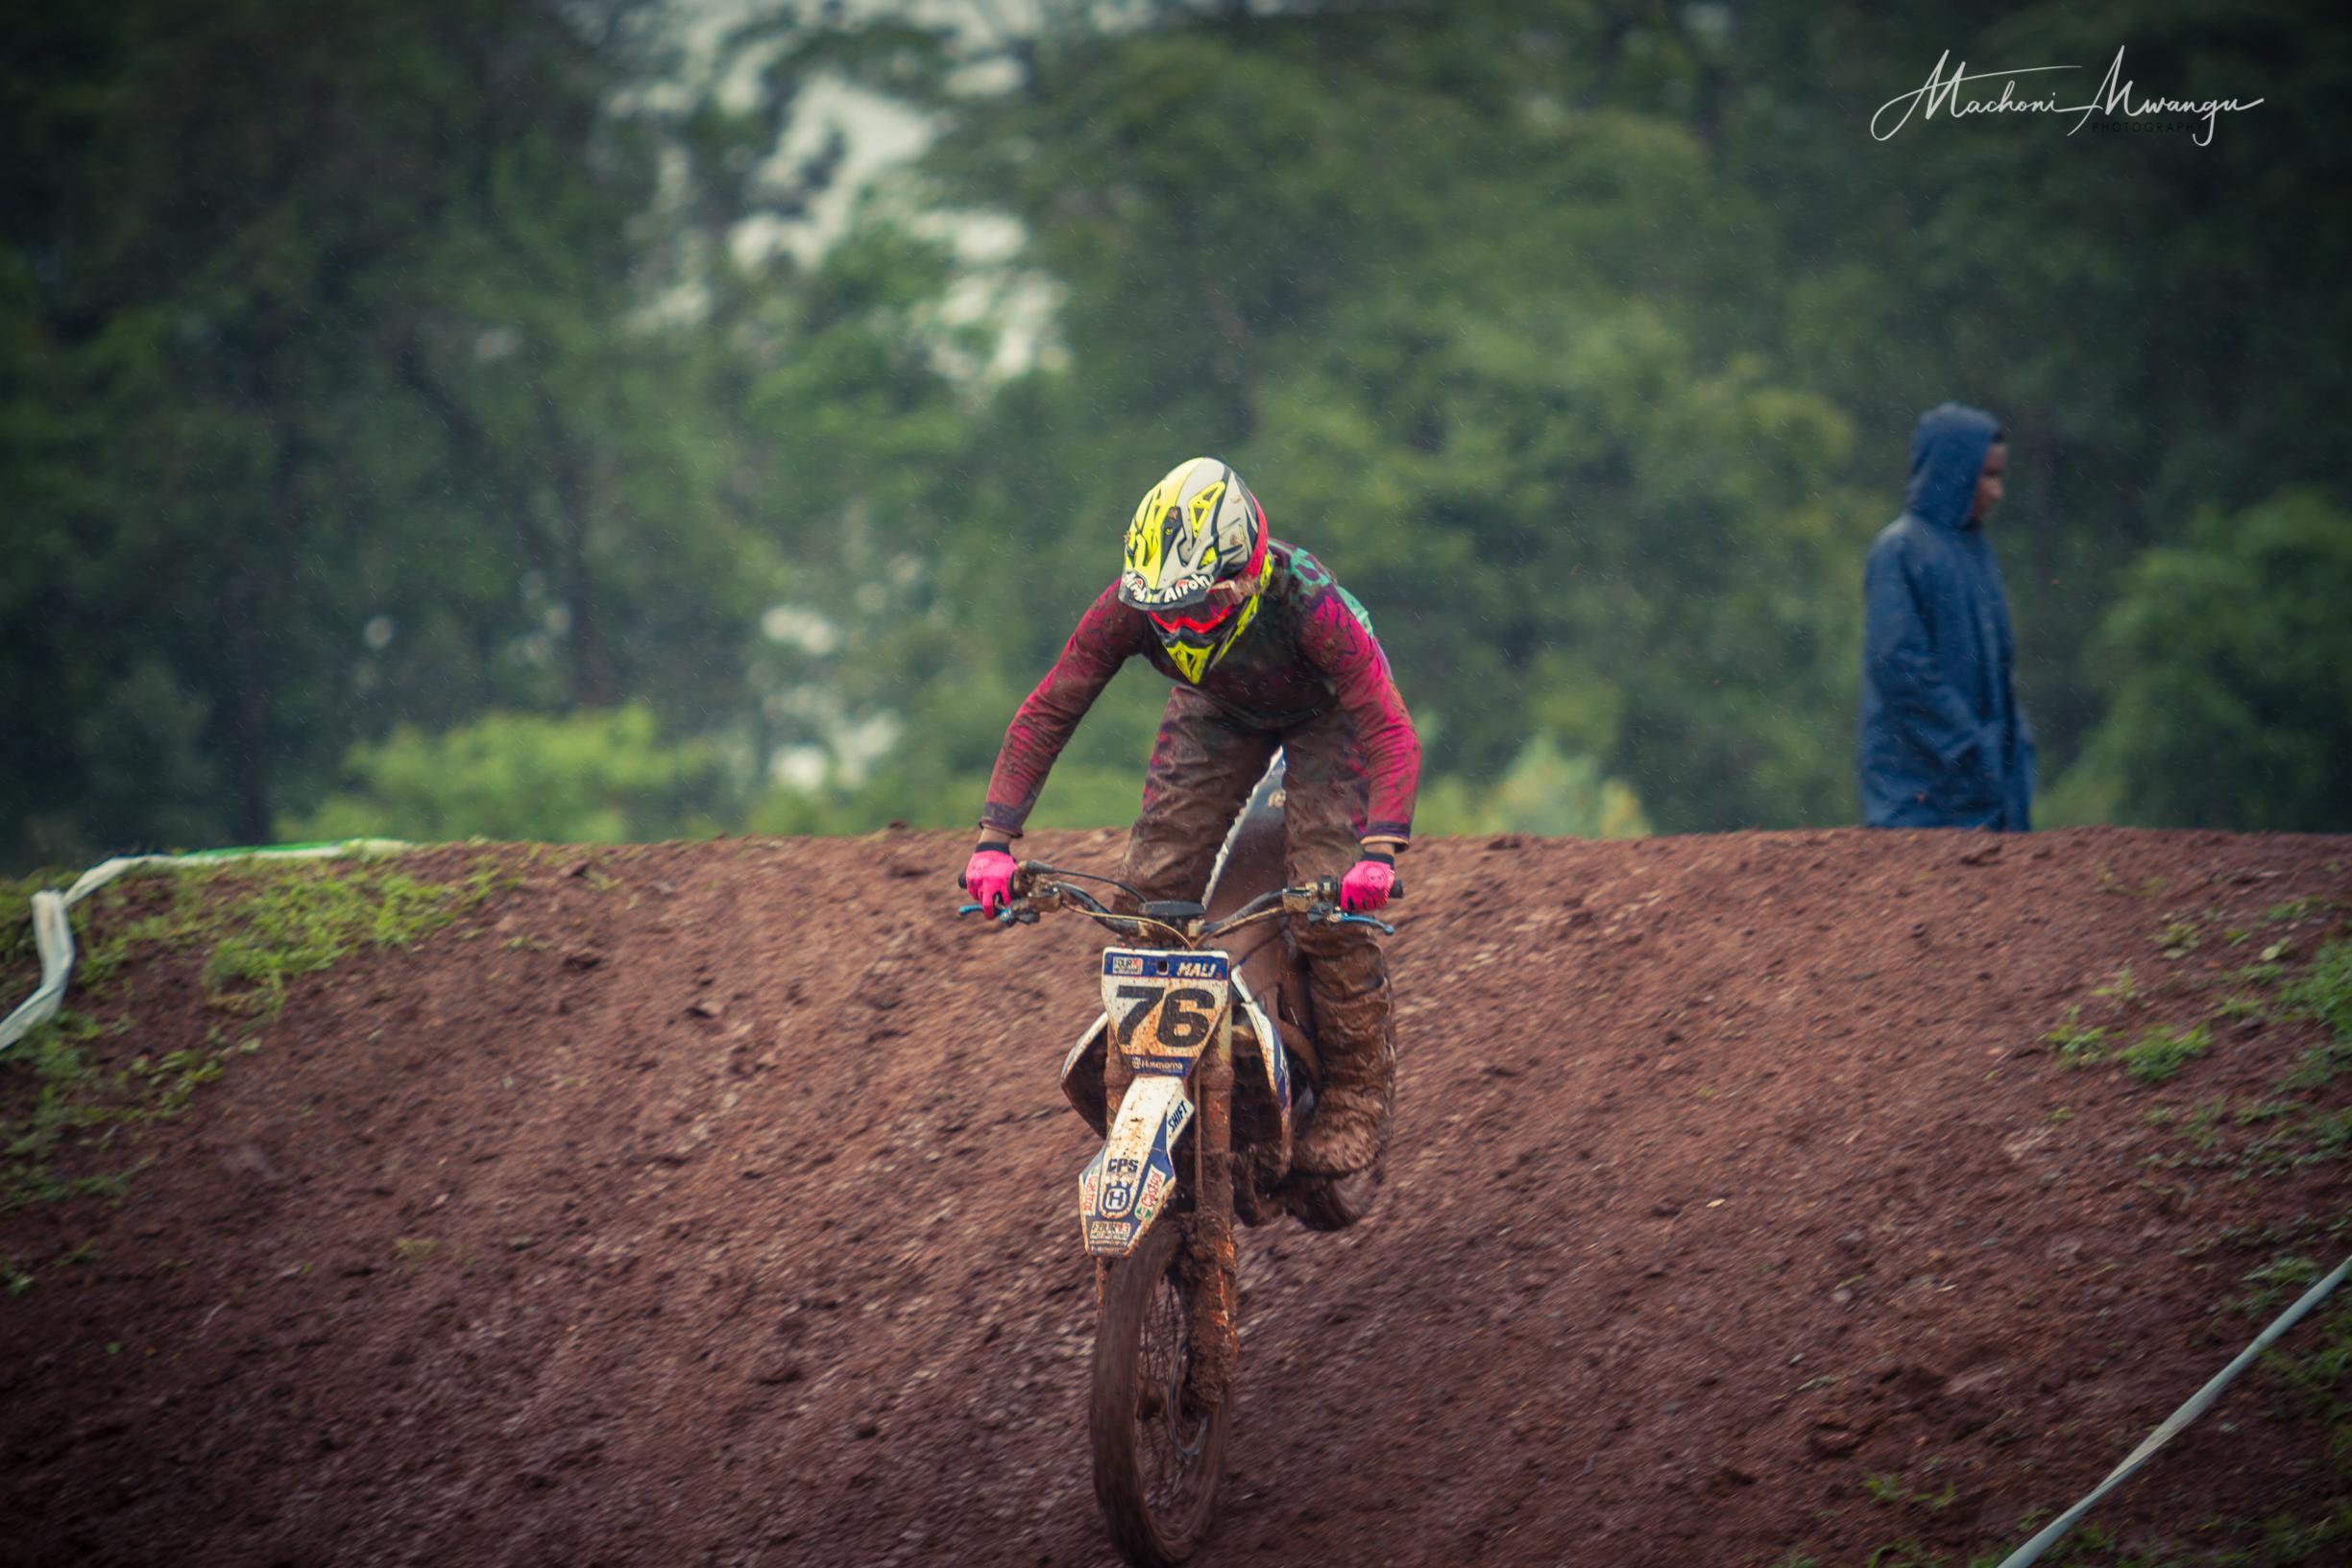 Motocross 76-1-2.jpg